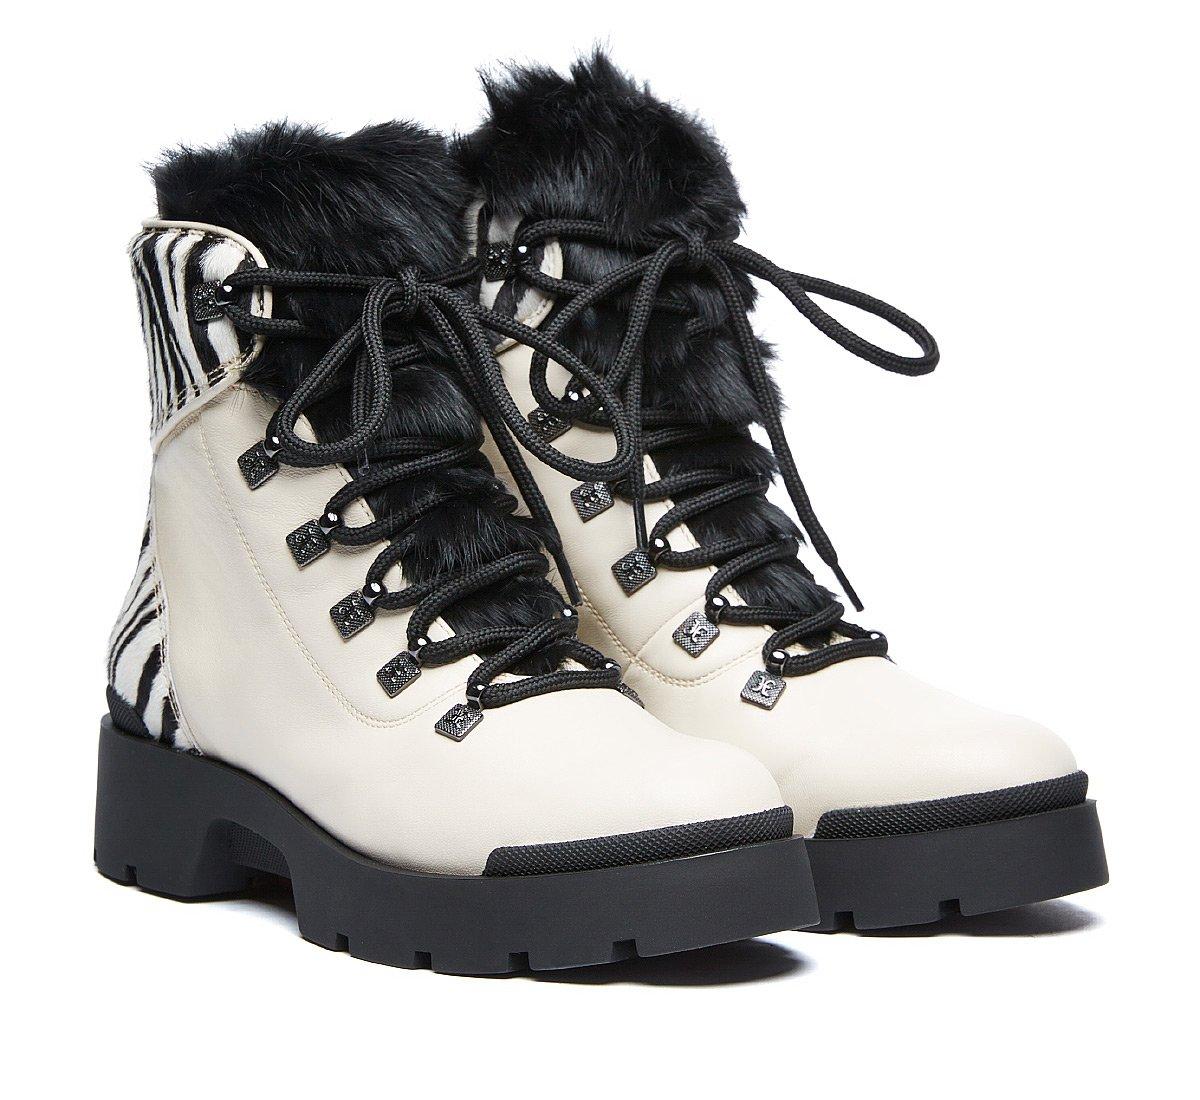 Непромокаемые ботинки Fabi из высококачественной телячьей кожи